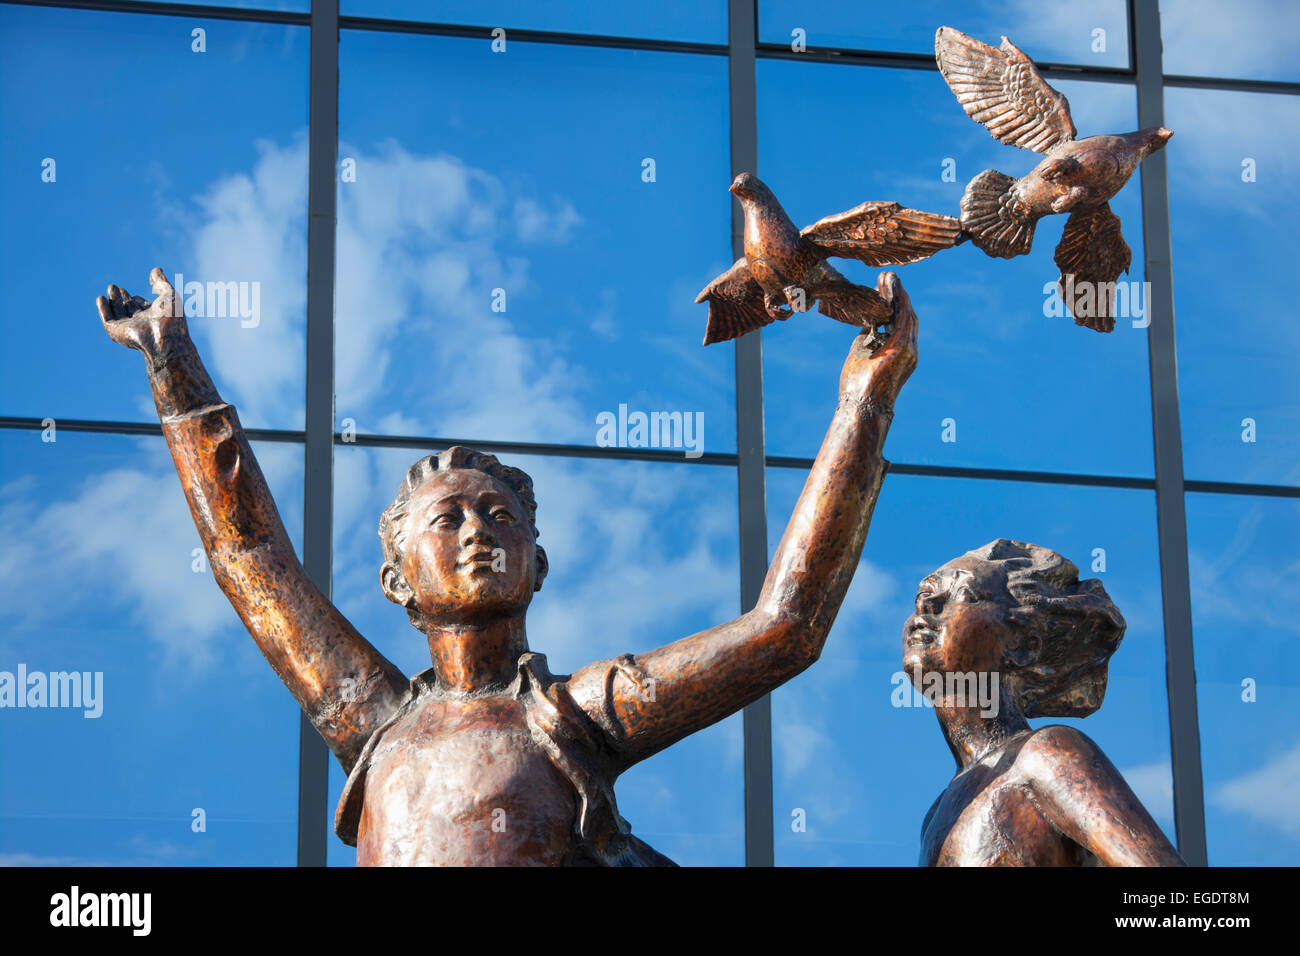 La paix et l'Amitié Paix Statue Avenue; Ulaanbaatar, Mongolie Photo Stock